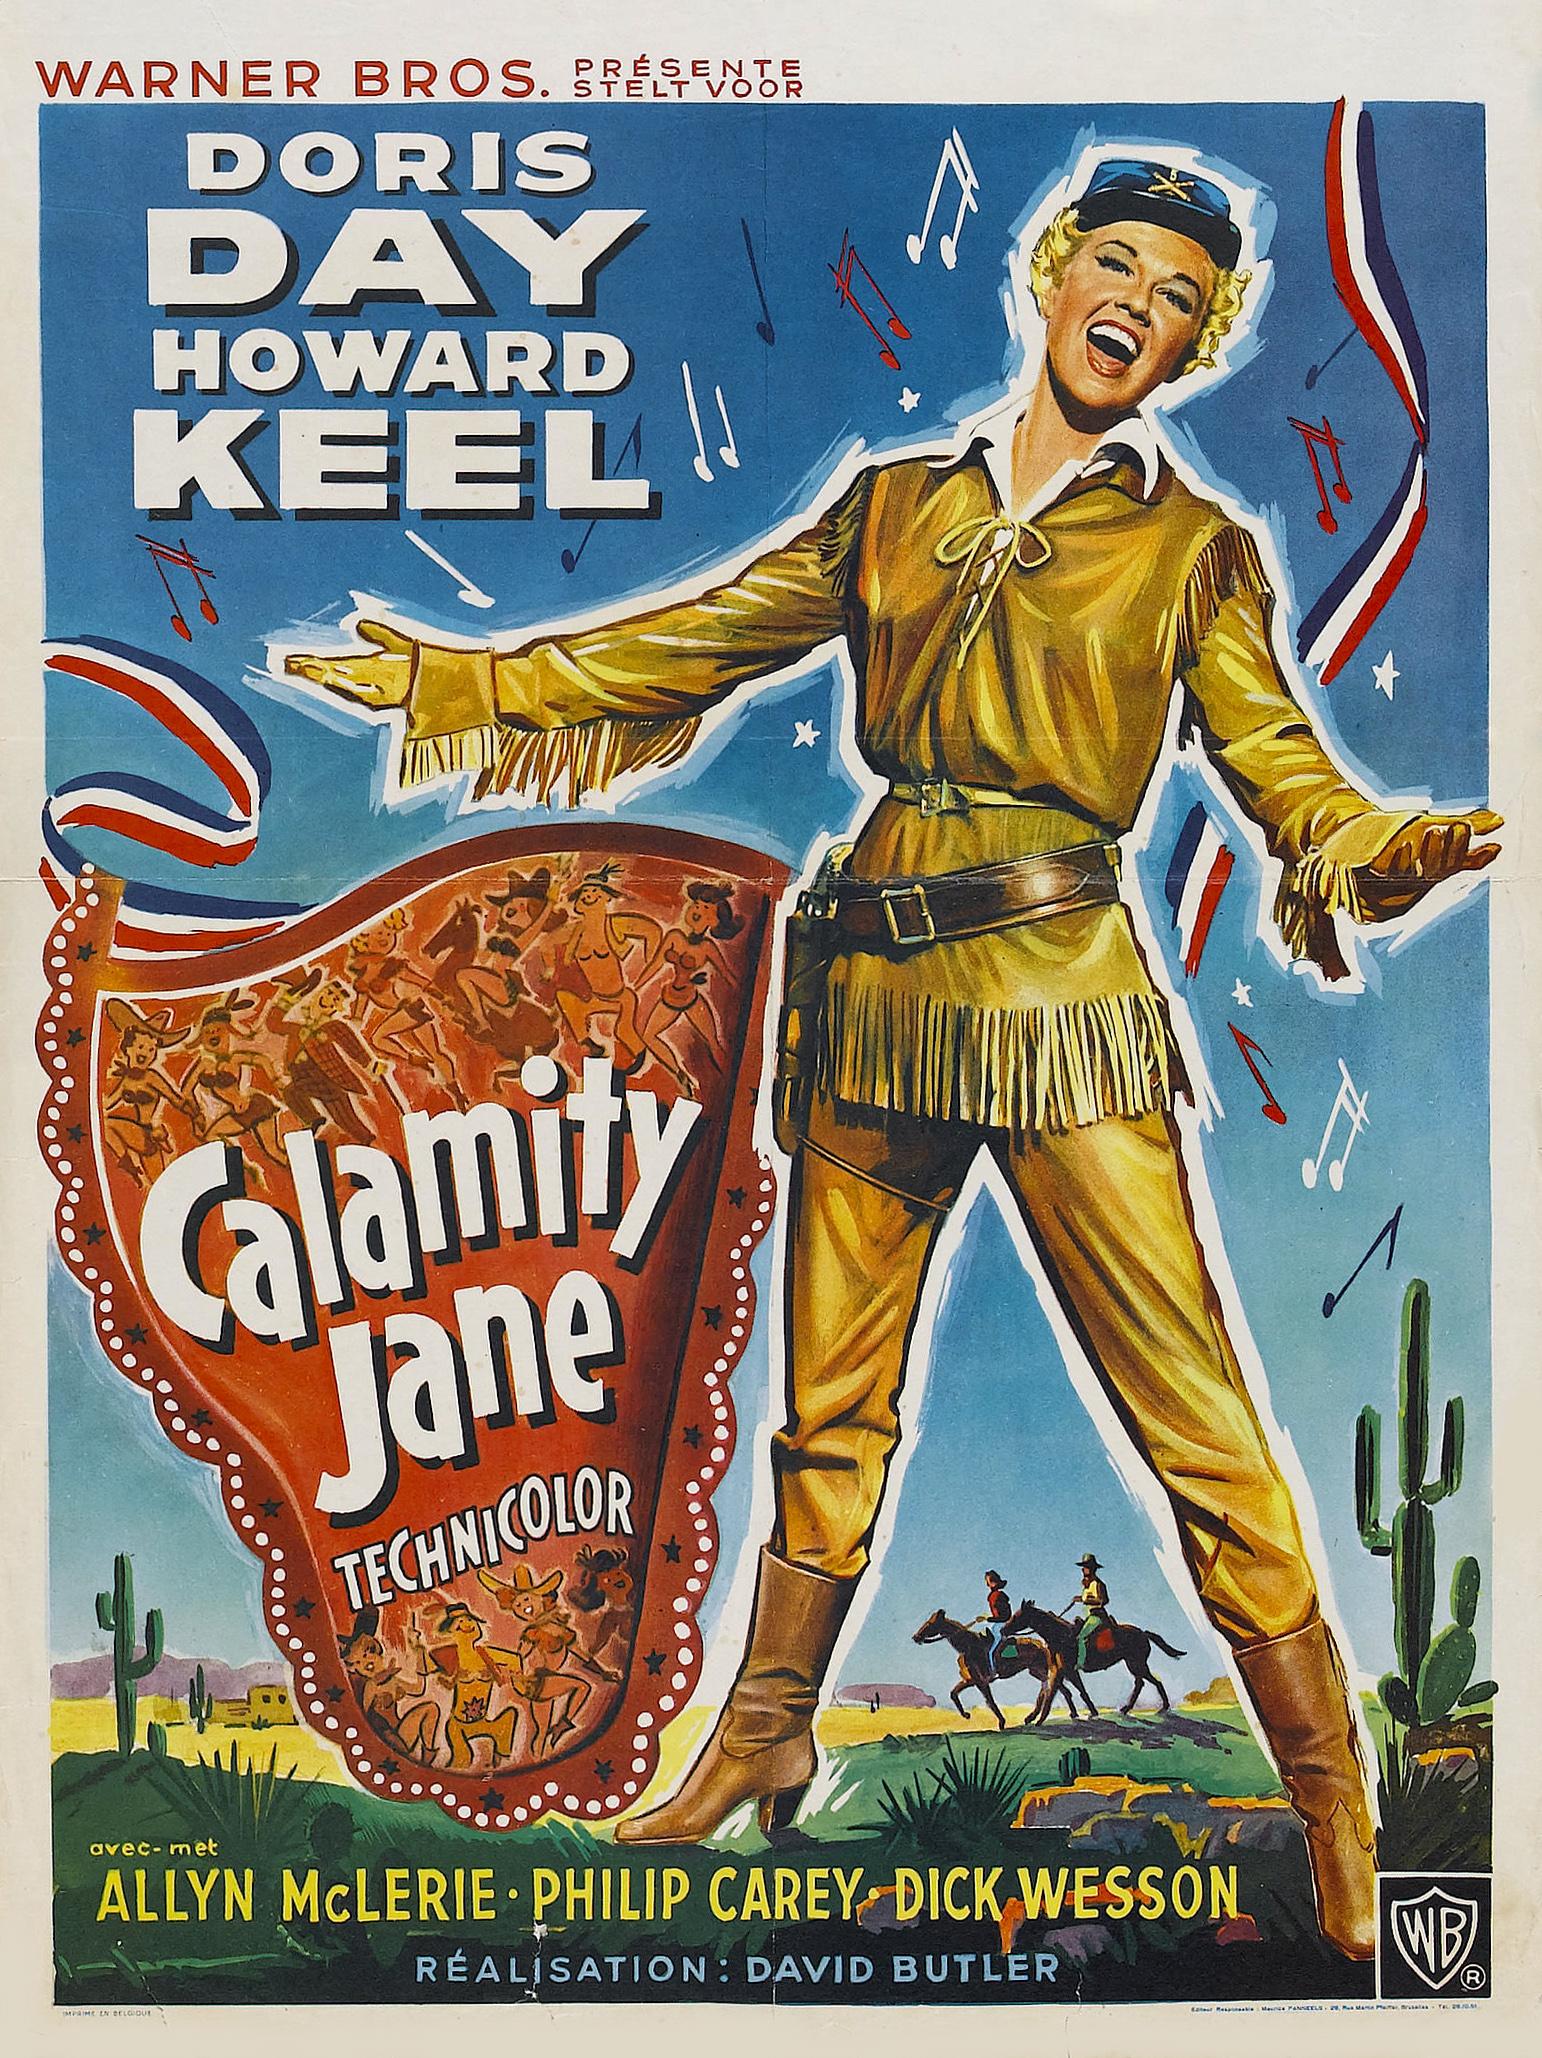 Calamity jane movie